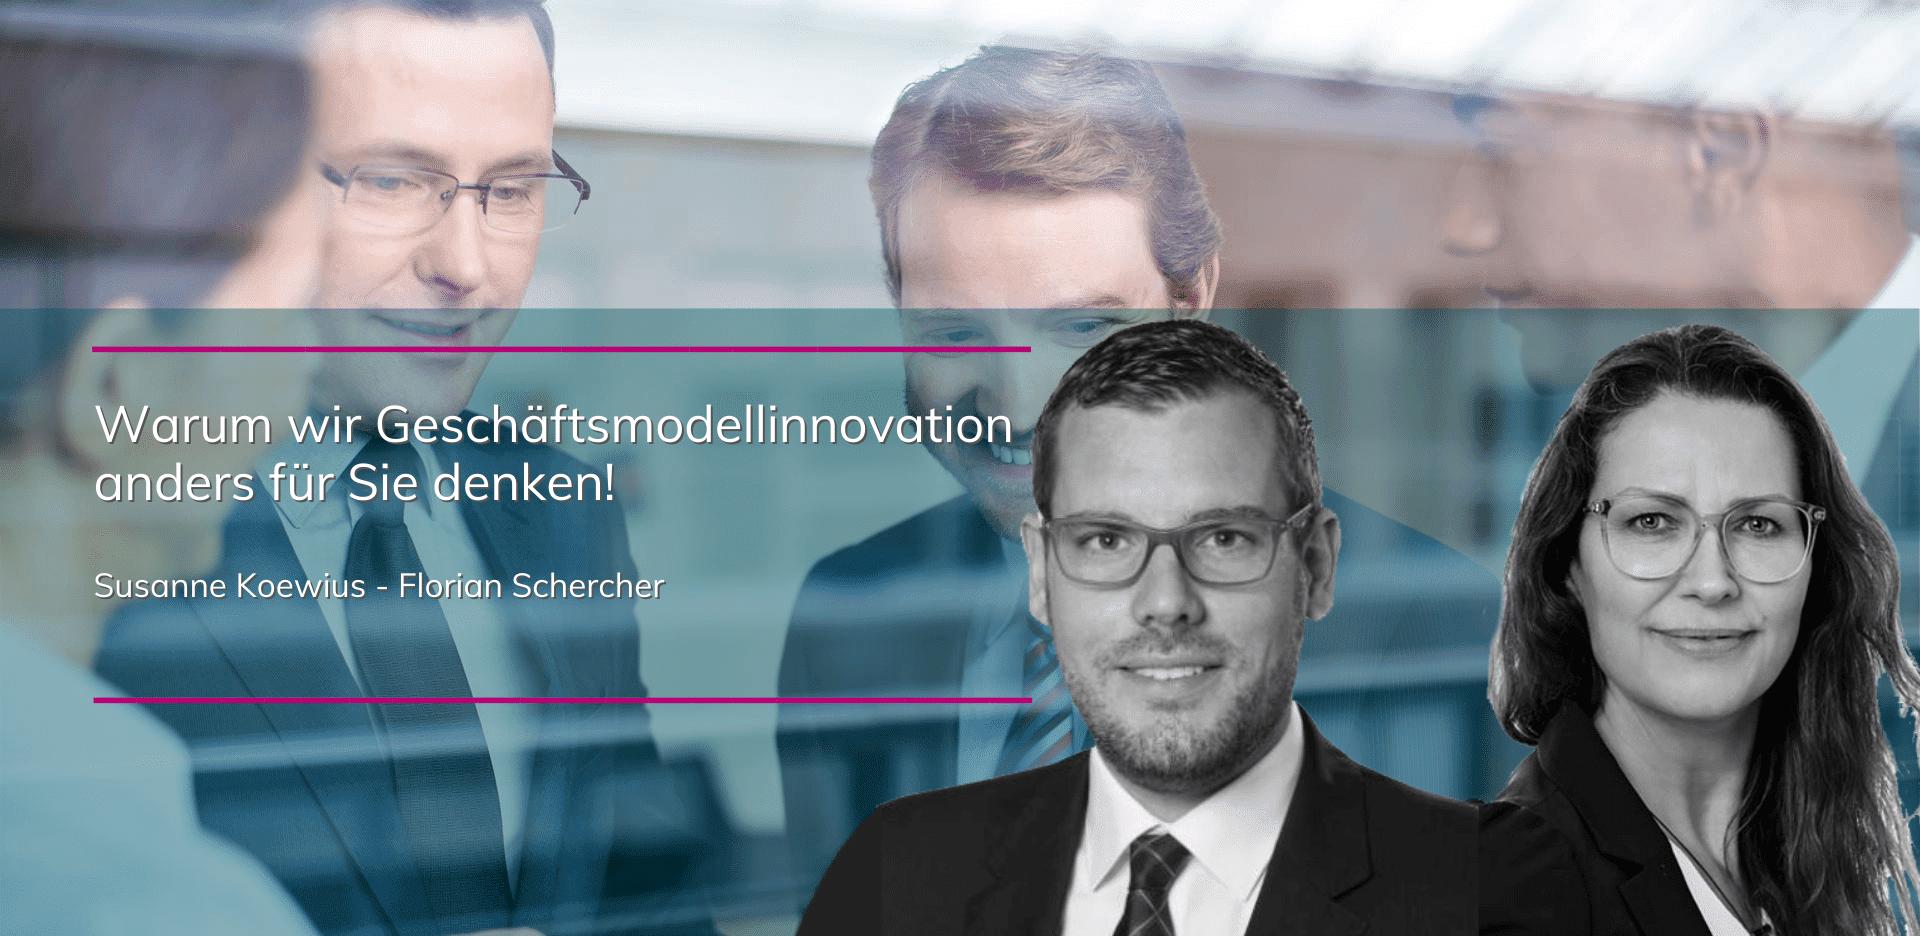 plenovia-blog-Koewius-Schercher-Geschäftsmodellinnovation-anders-denken-unternehmensberatung-restrukturierung-sanierungskonzepte-düsseldorf-frankfurt-berlin